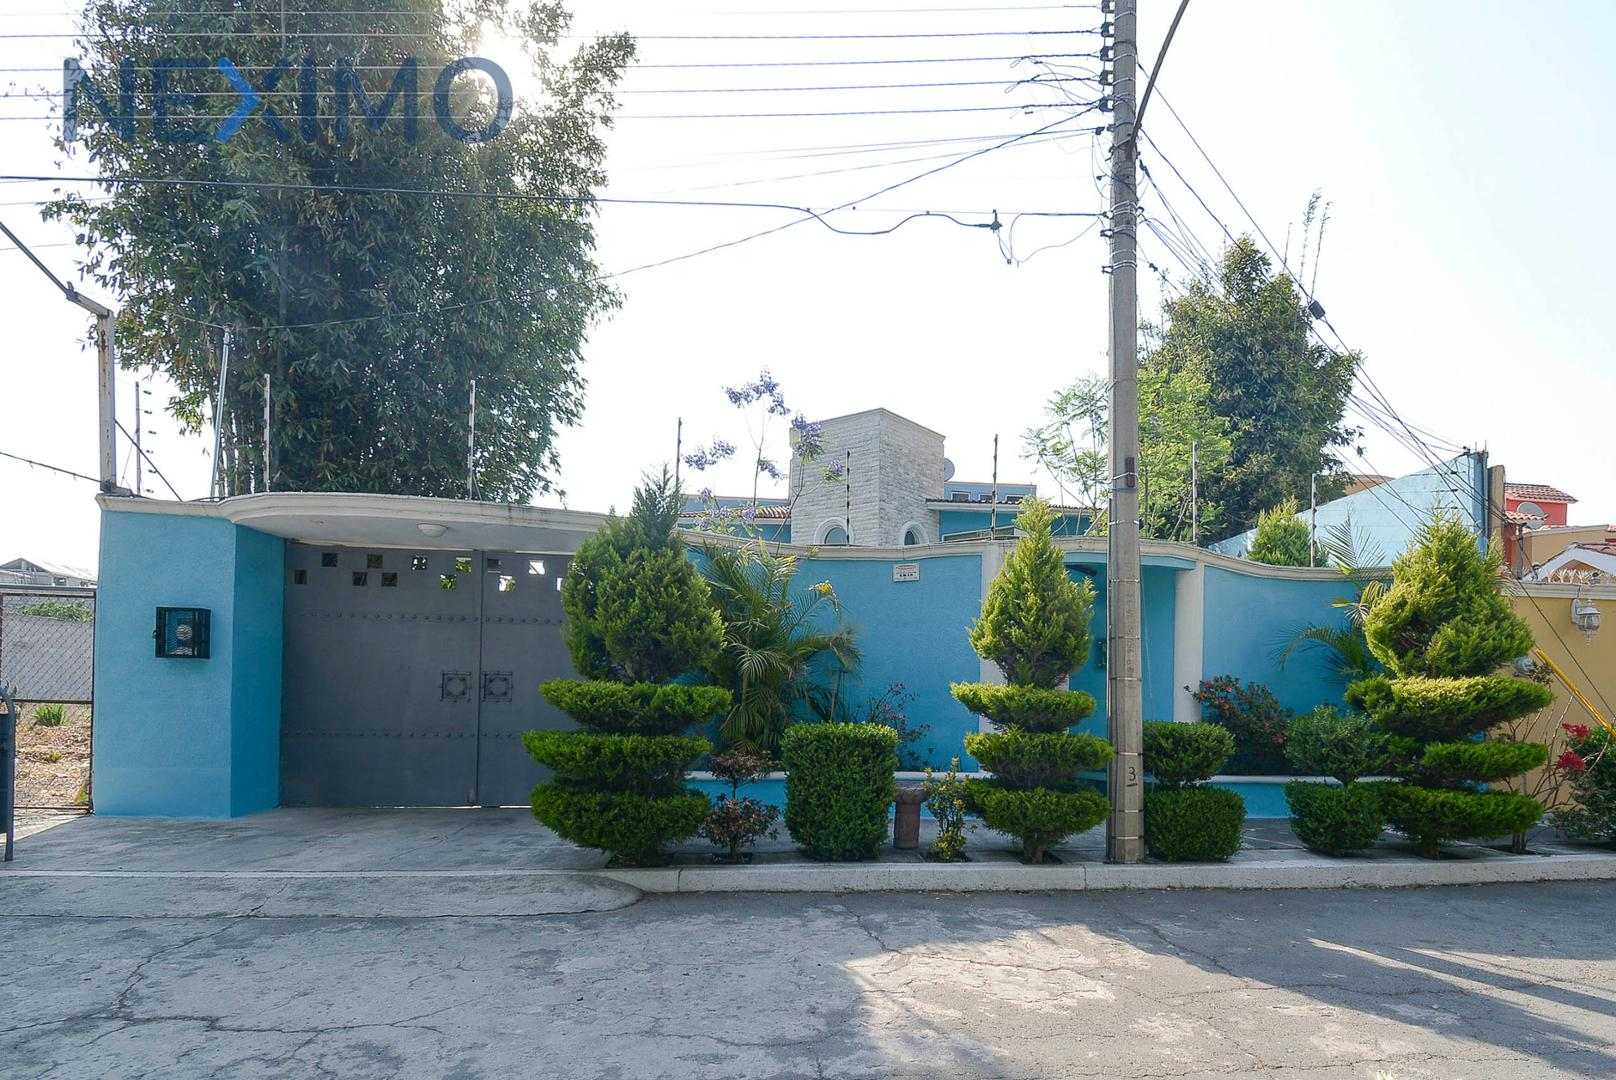 Casa en venta en Fraccionamiento Residencial Acozac, Ixtapaluca